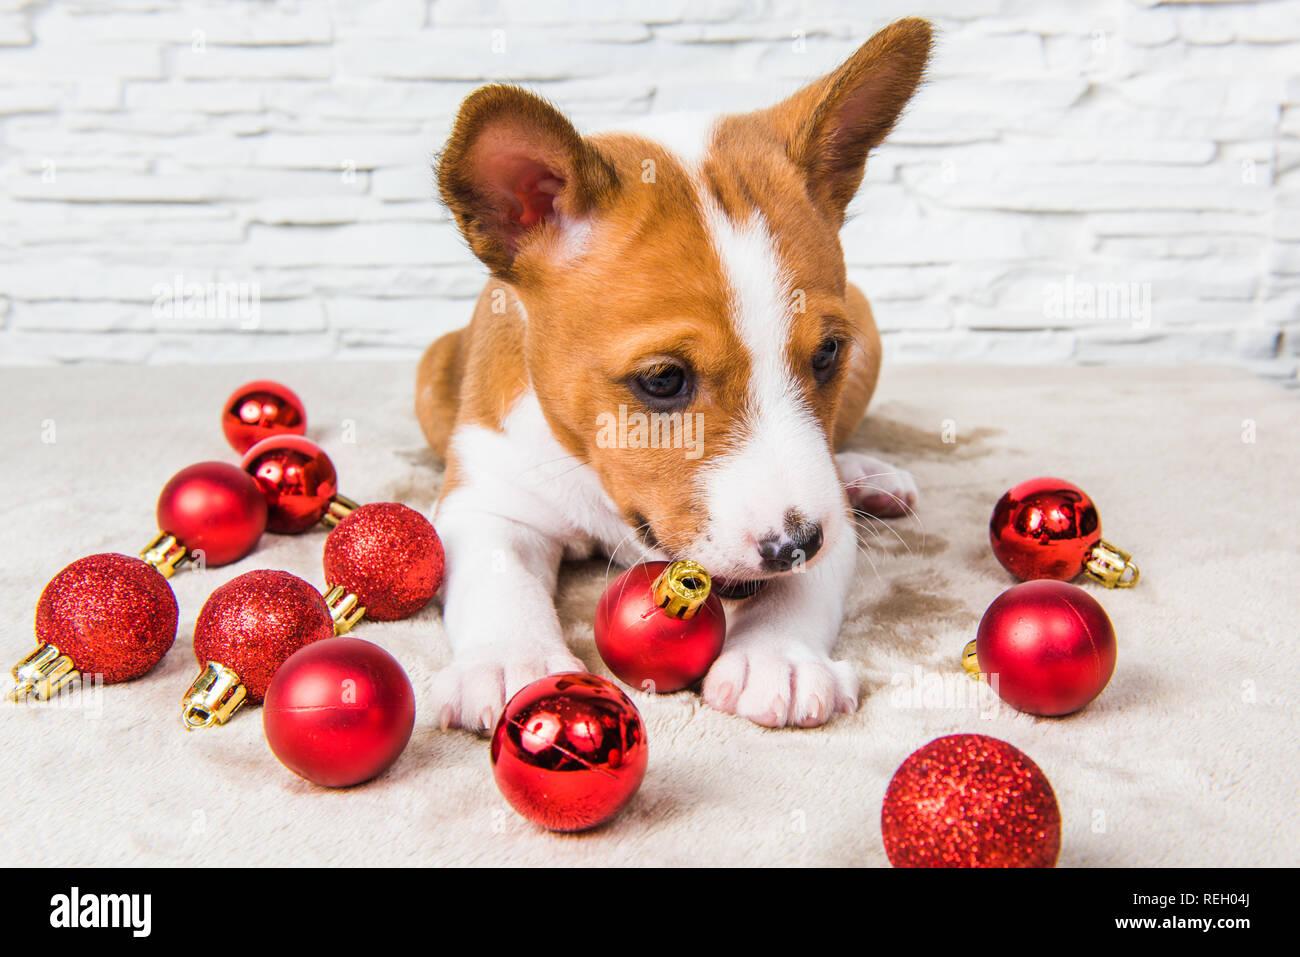 Lustige Weihnachtskugeln.Lustige Basenji Welpen Hund Und Roten Weihnachtskugeln Stockfoto